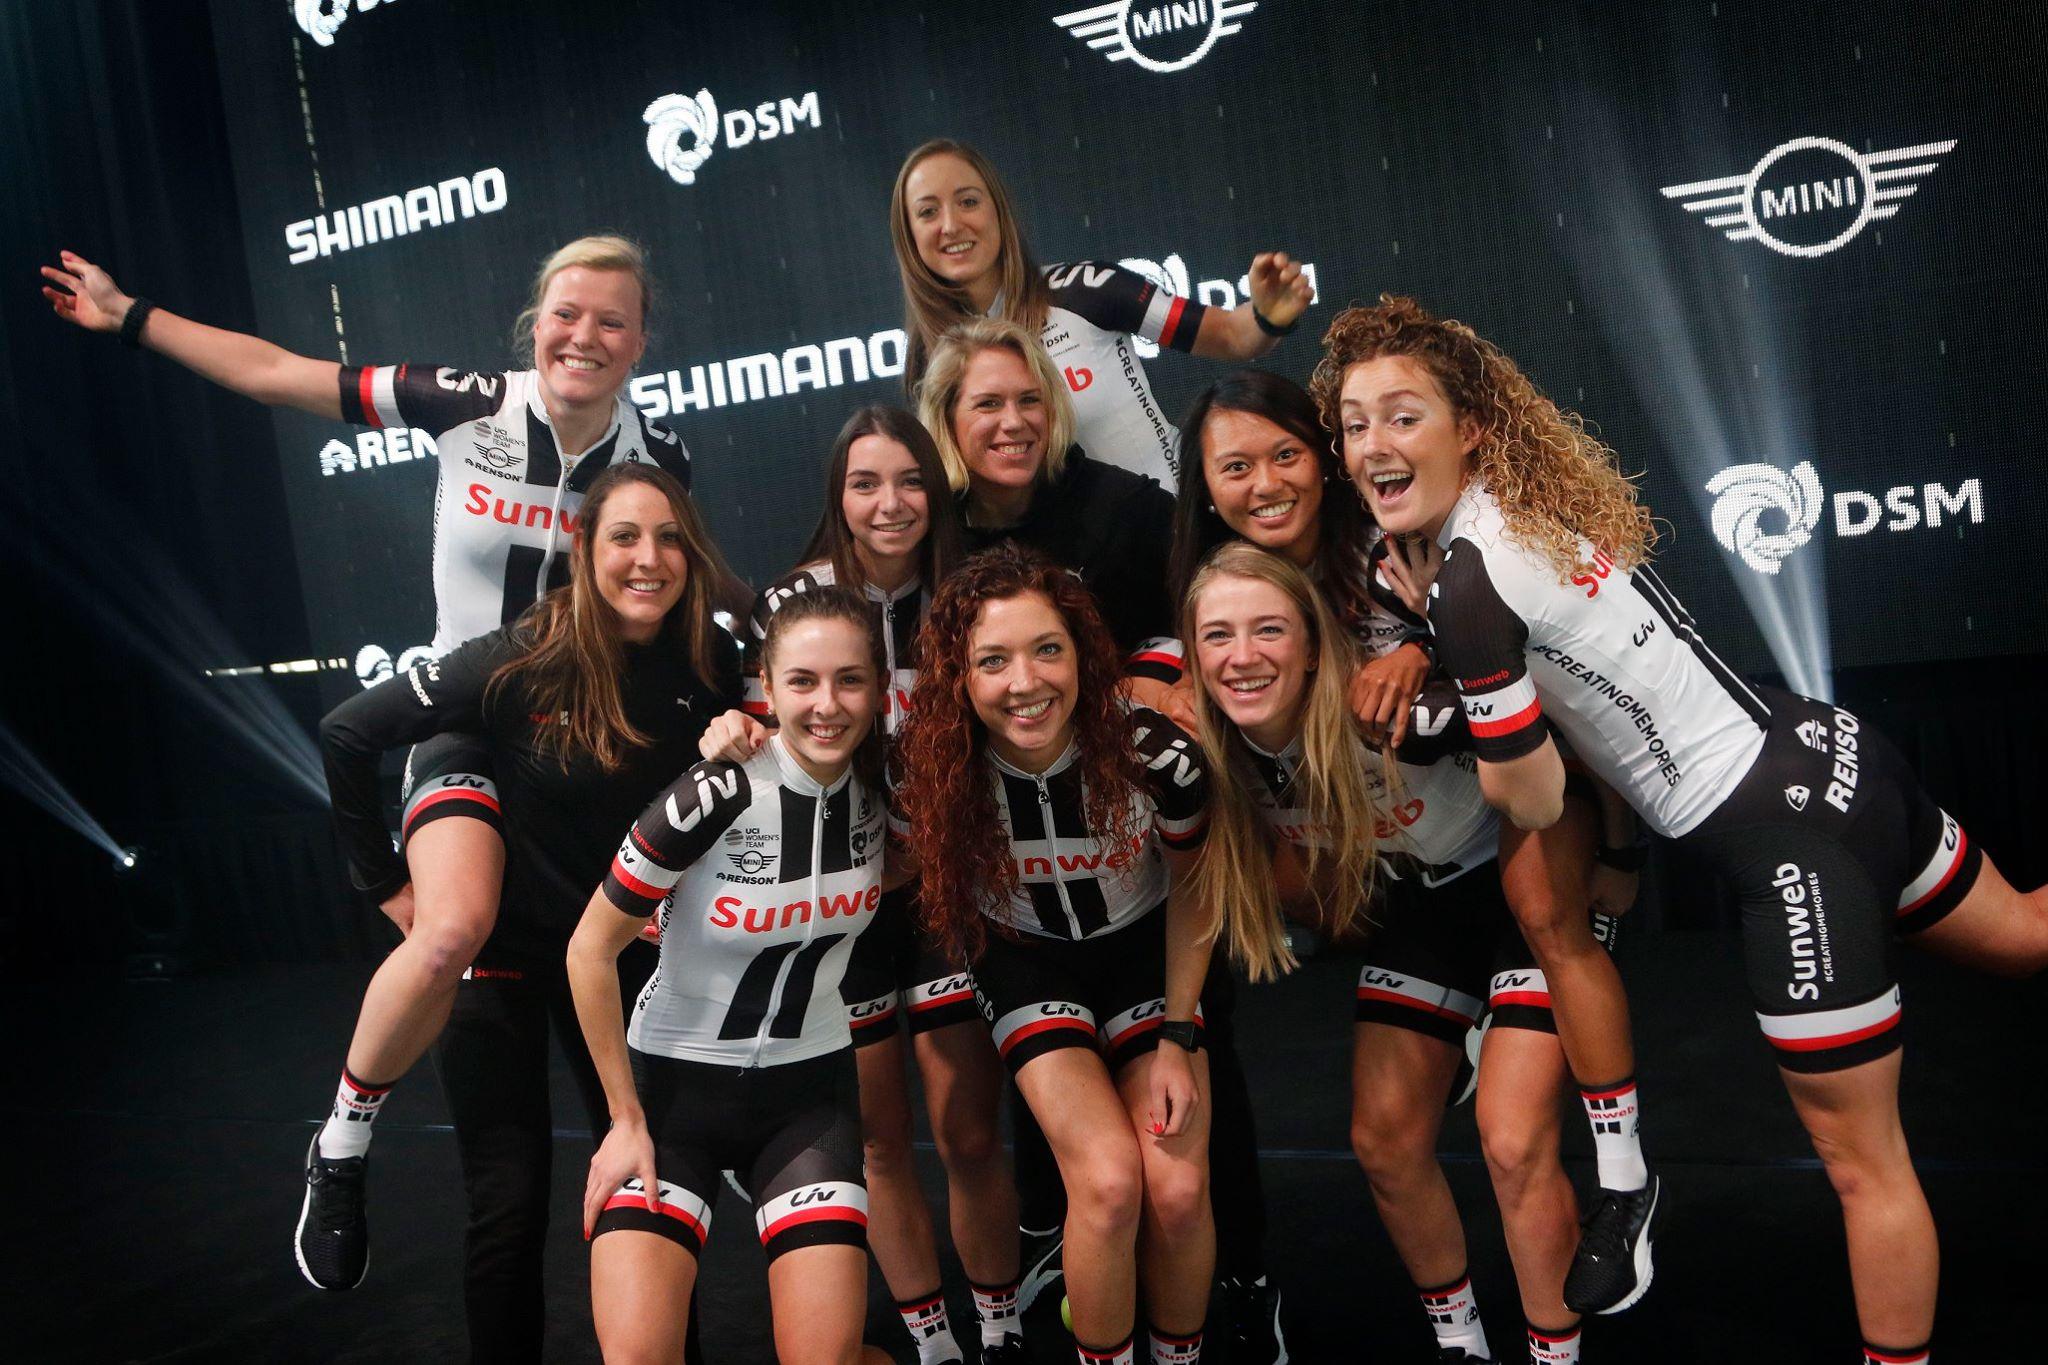 Női WorldTour csapatot is támogat a Sunweb...